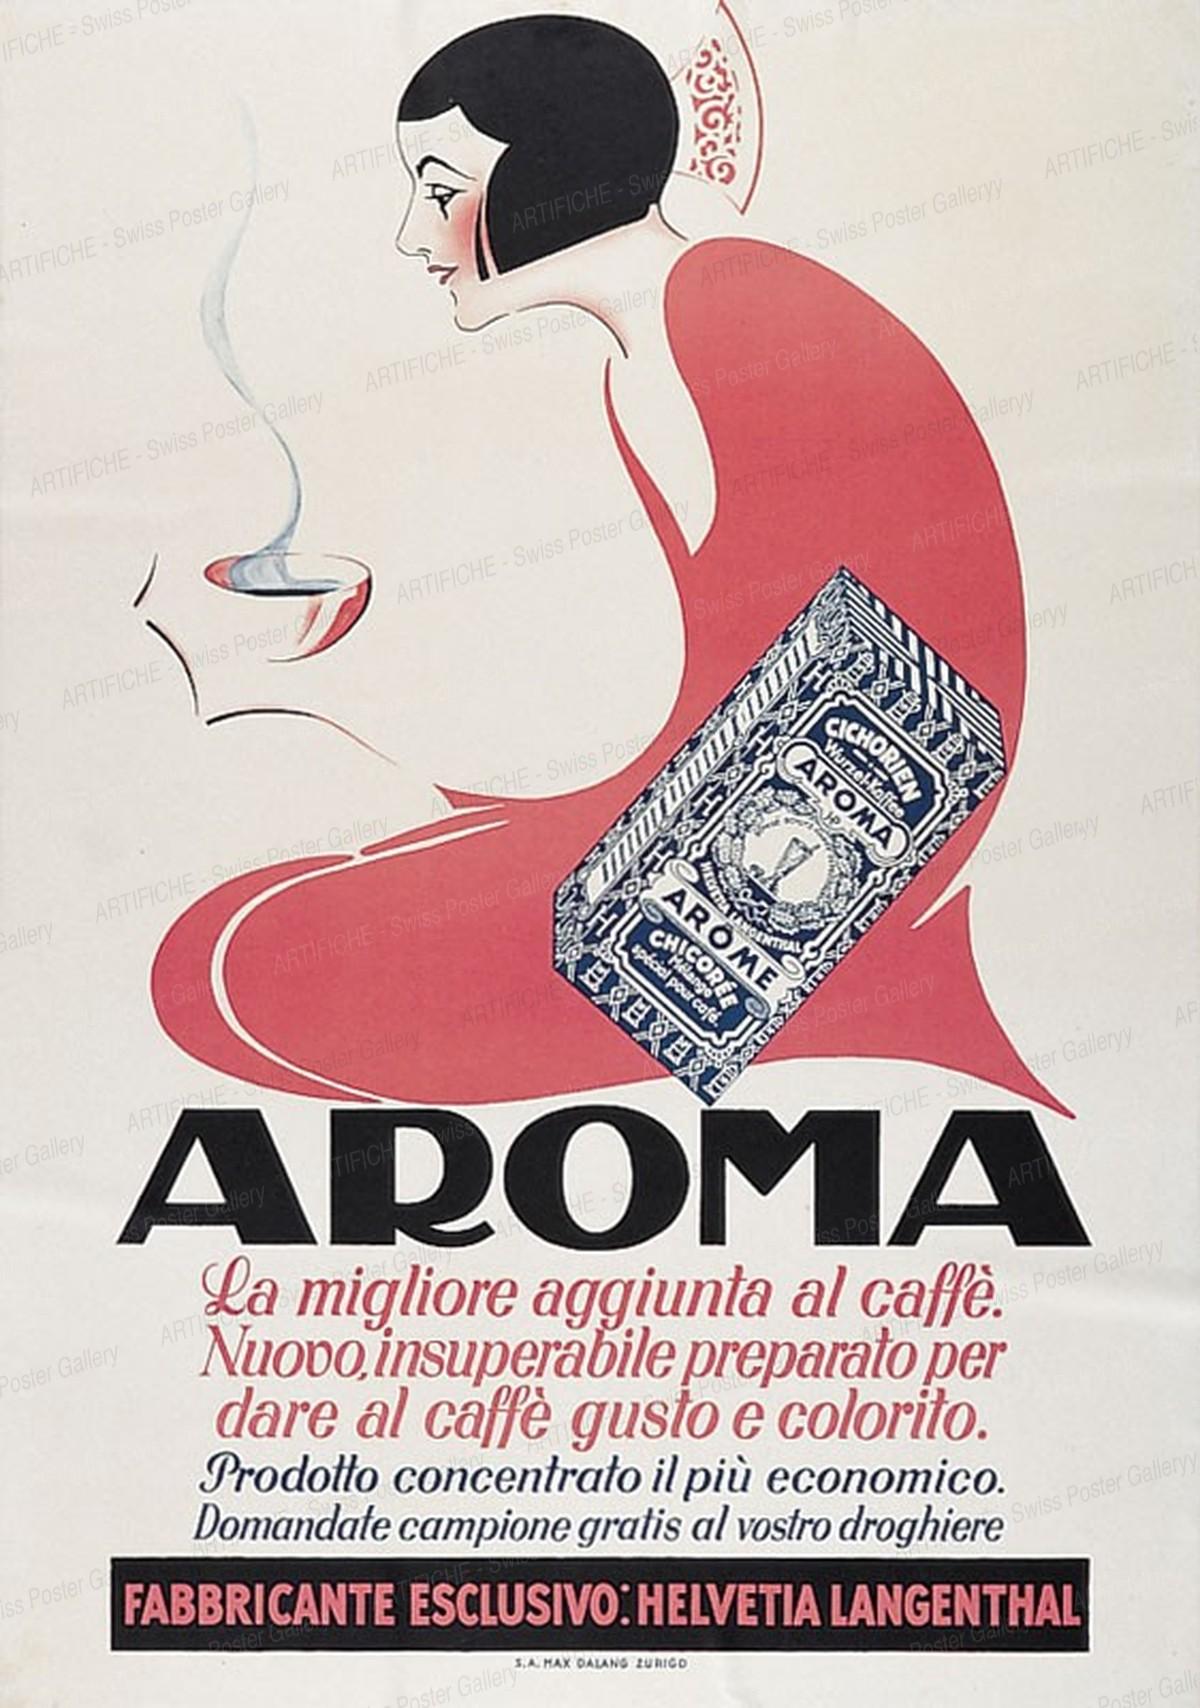 AROMA – La migliore aggiunta del caffé – Kaffee-Aroma, Max Dalang